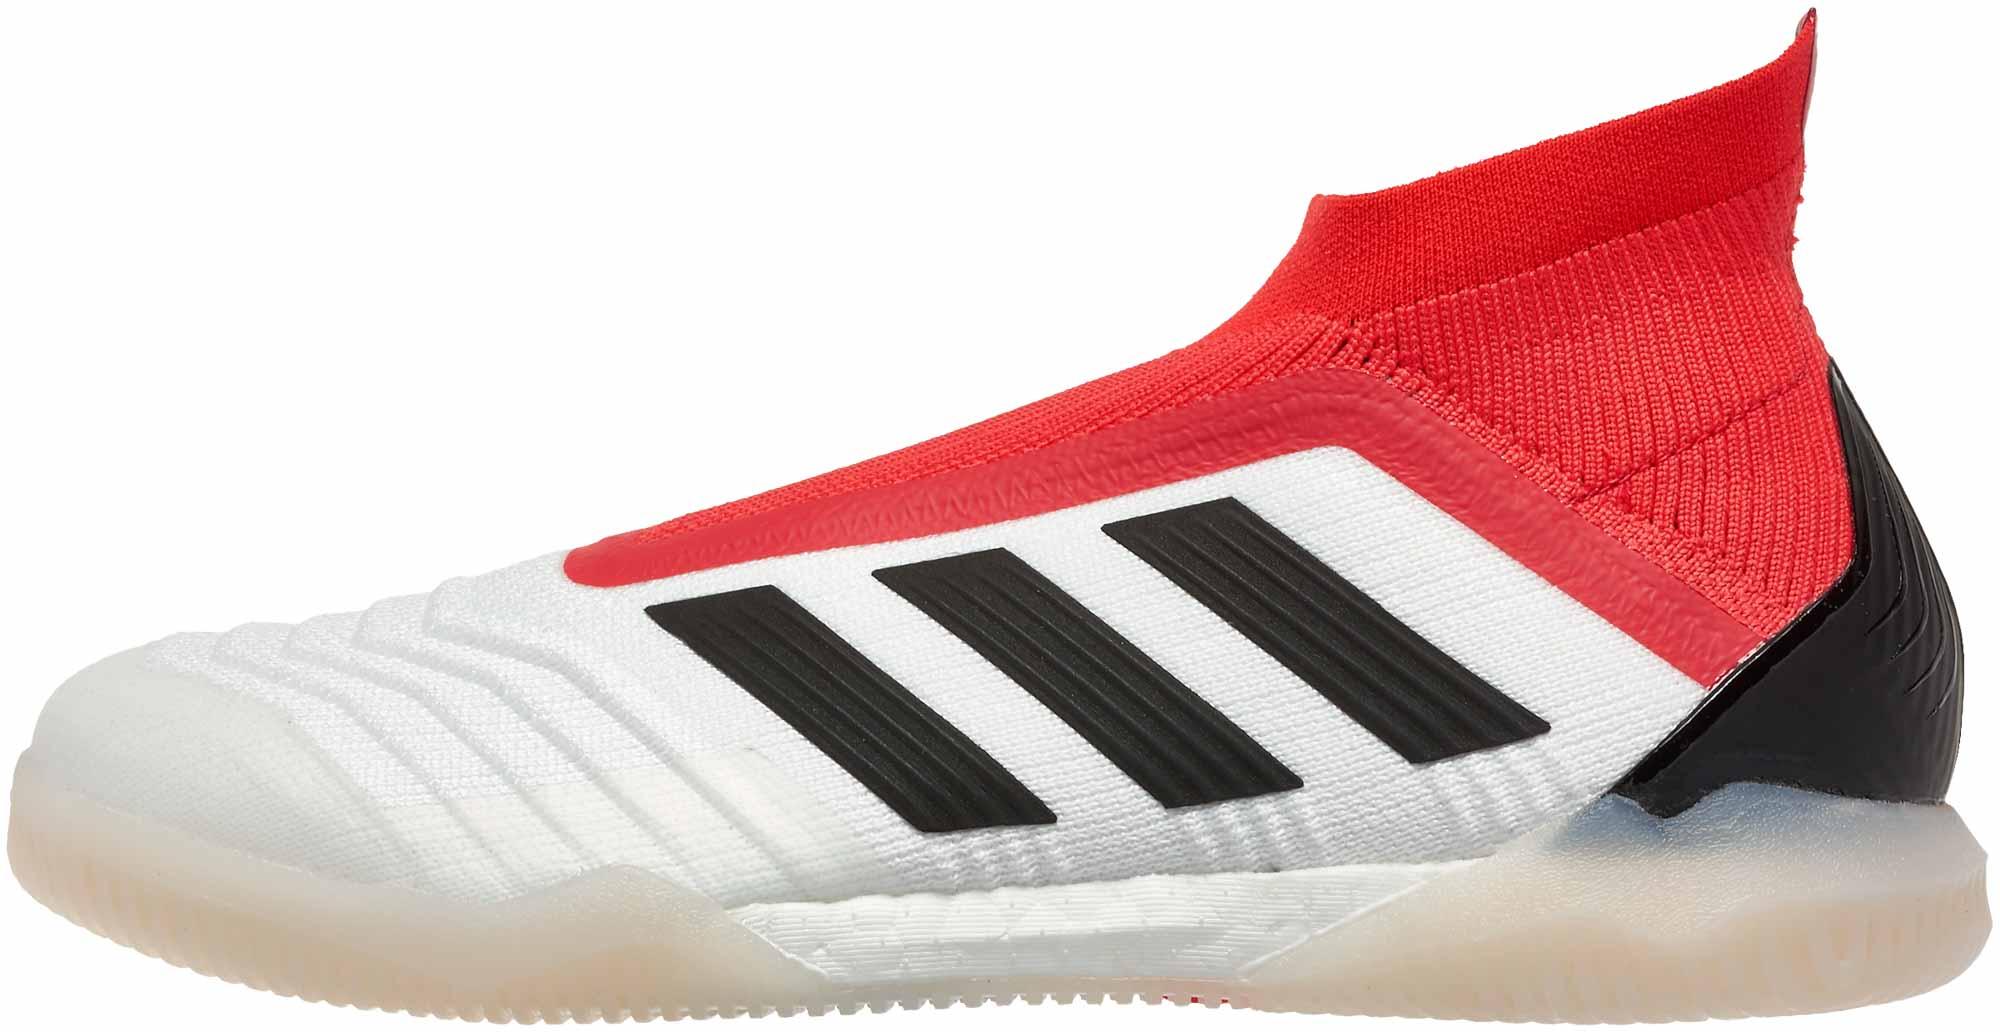 Adidas predator tango 18 + in bianco & reale coral calcio maestro